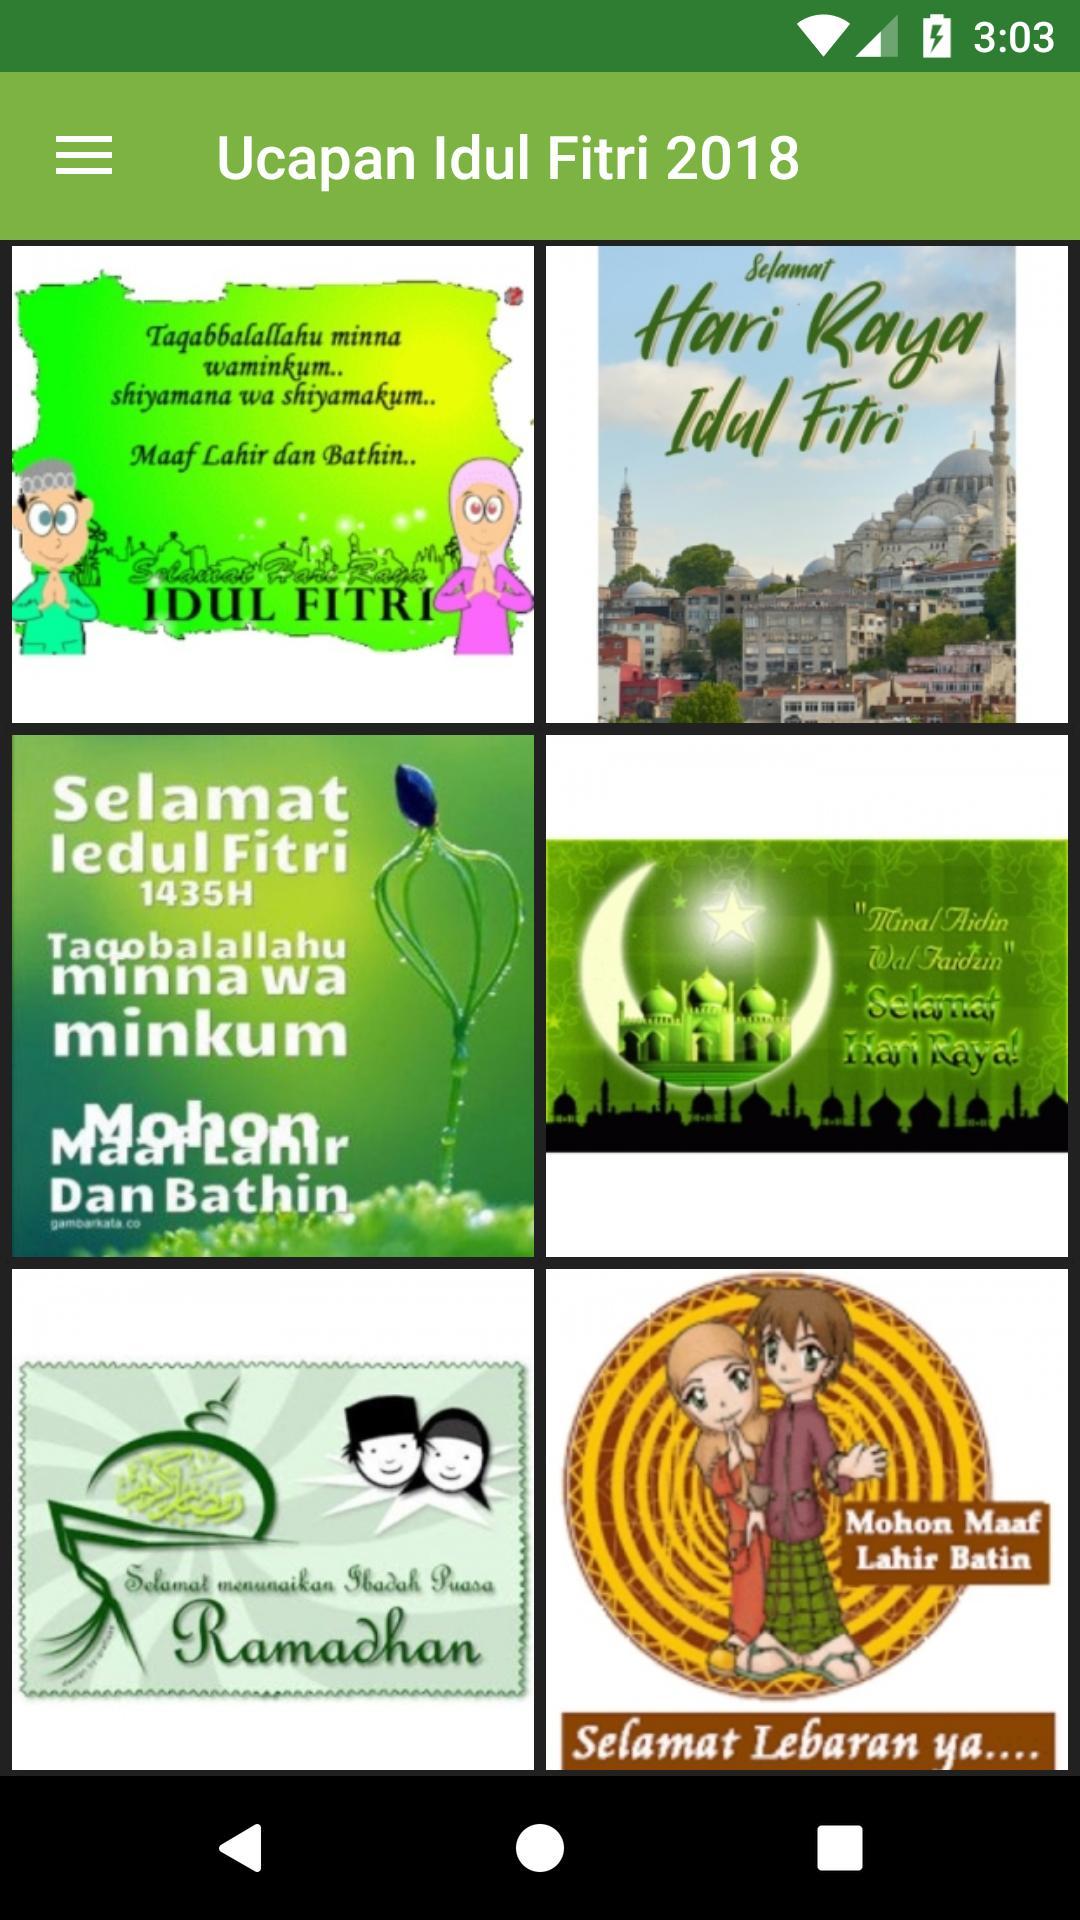 80 Gambar Kata Kata Ucapan Hari Raya Idul Fitri Terbaru